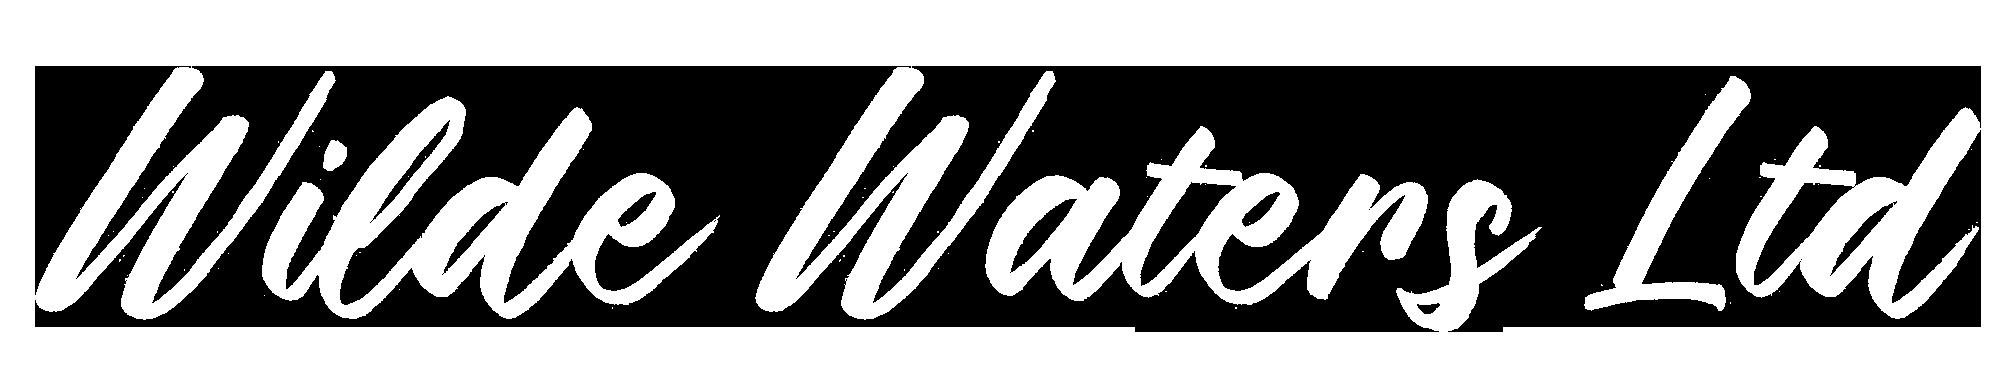 Wilde Waters logo